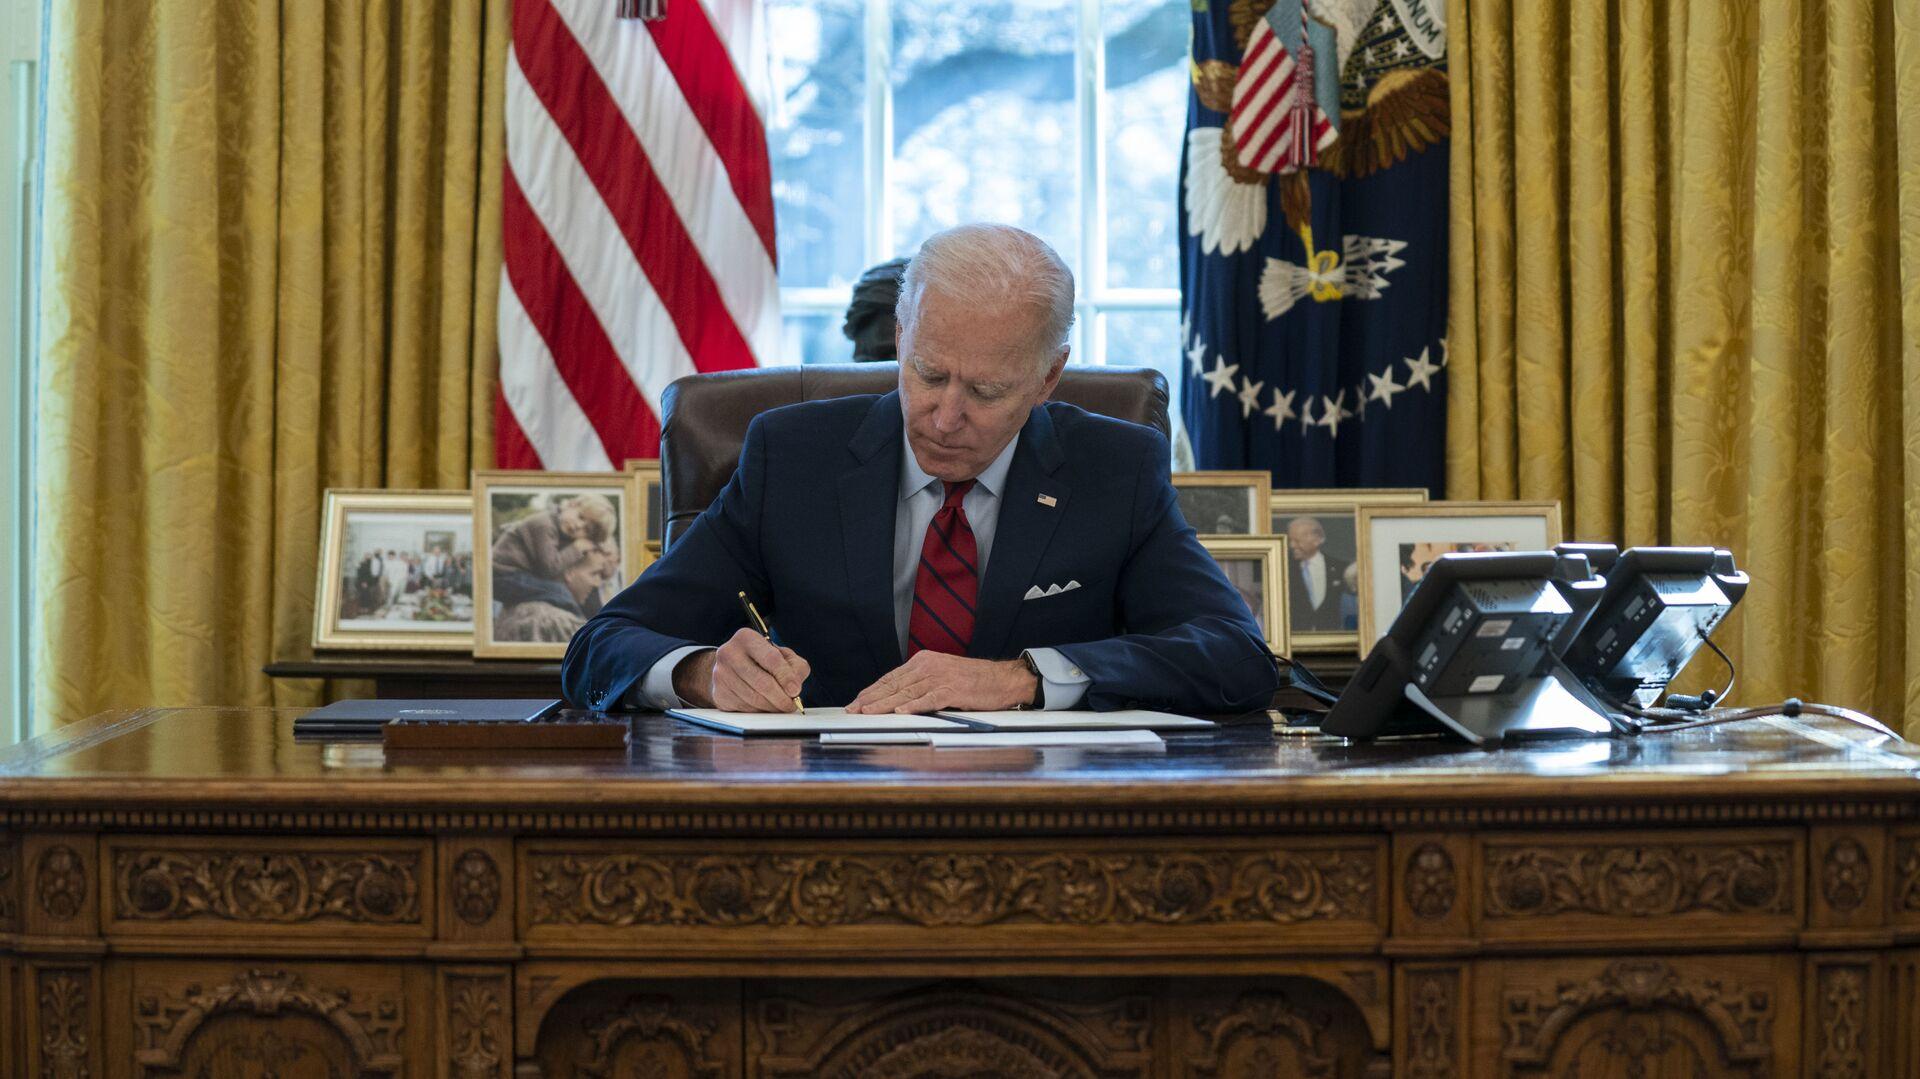 Joe Biden, presidente de EEUU, firma varios documentos ejecutivos en el Despacho Oval de la Casa Blanca, en Washington, el 28 de enero del 2021 - Sputnik Mundo, 1920, 11.03.2021